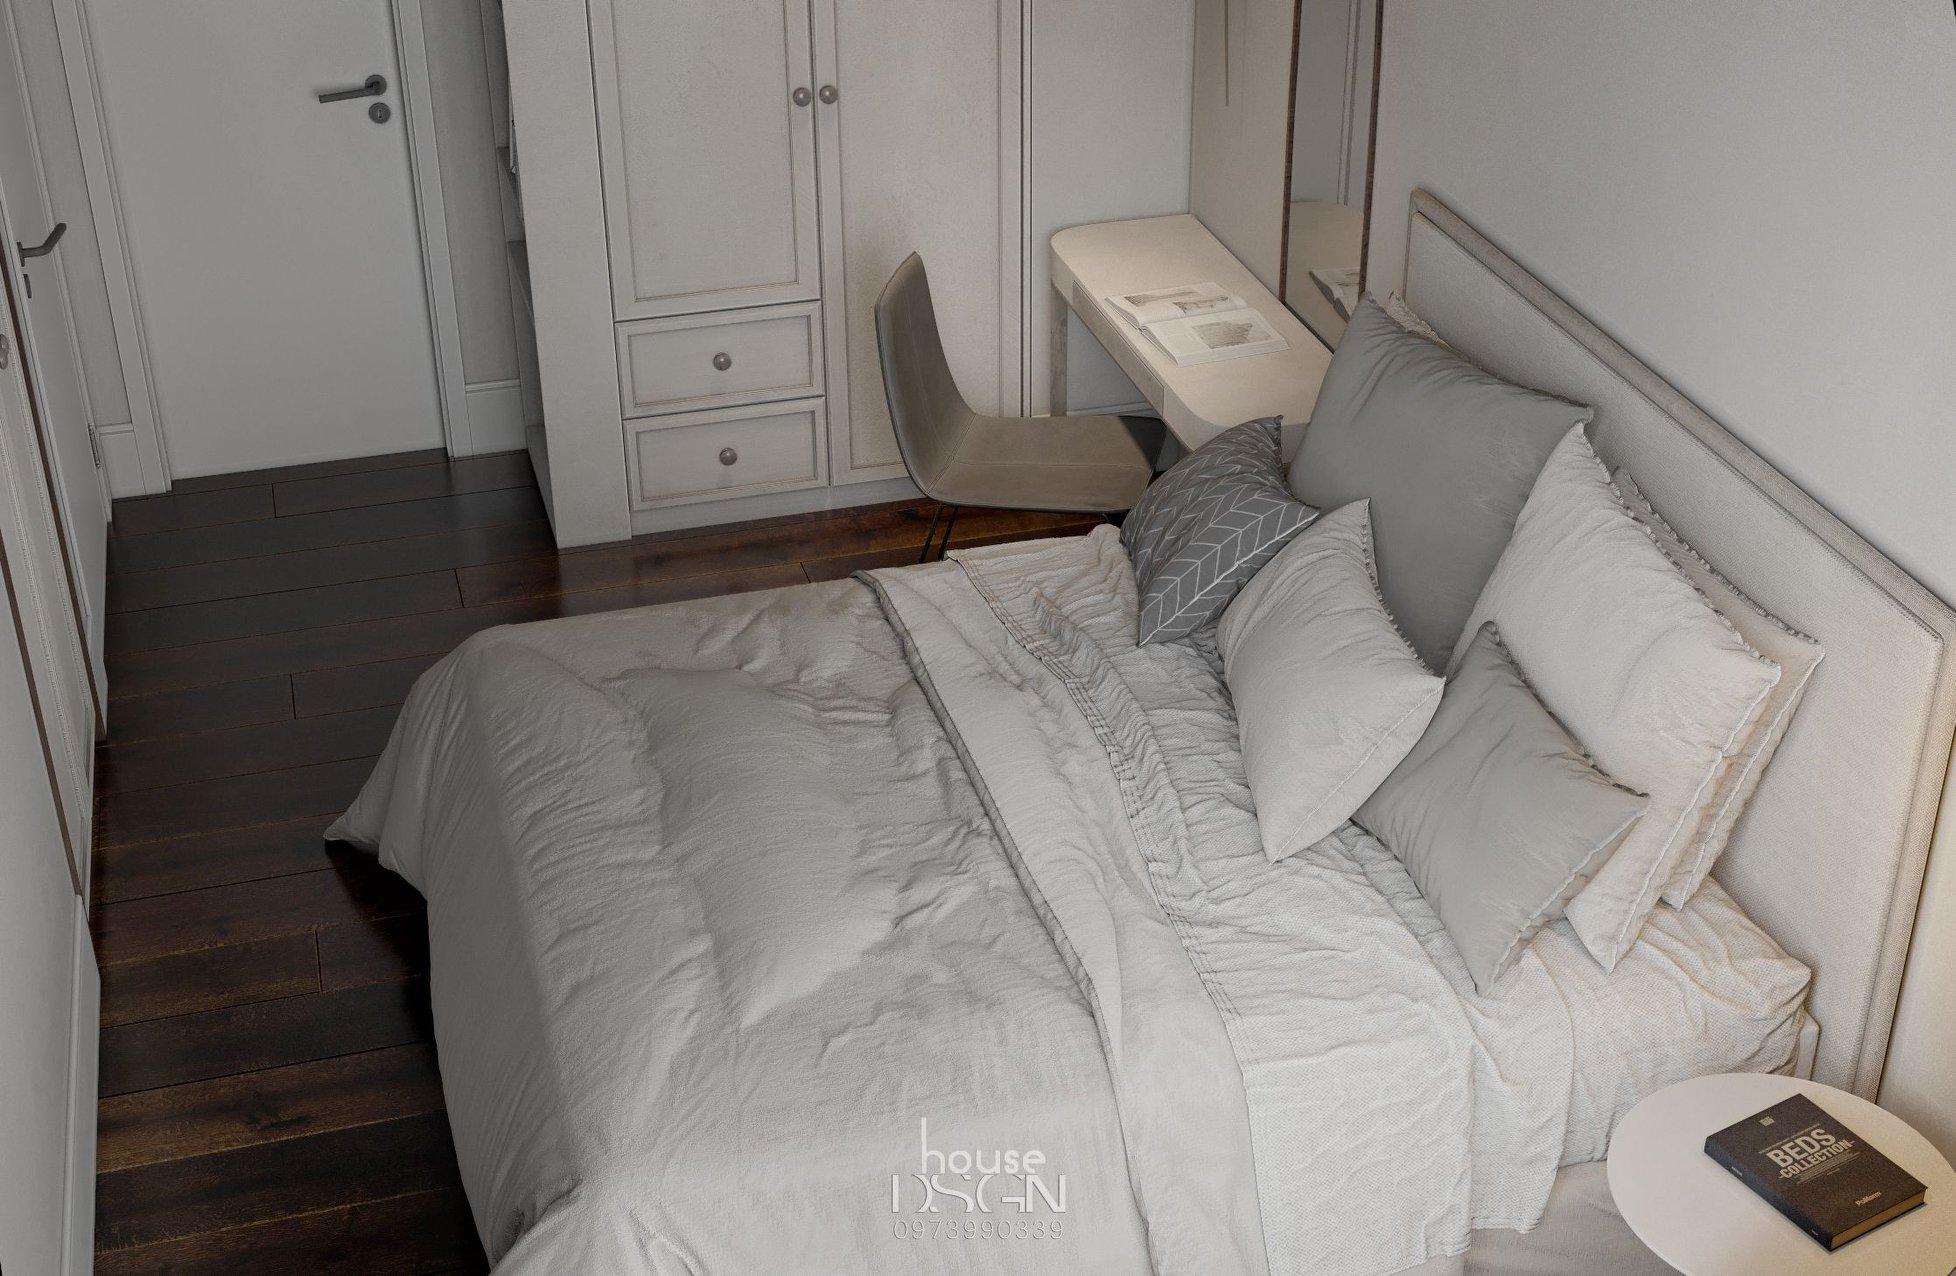 thiết kế tông màu cho phòng ngủ đơn giản